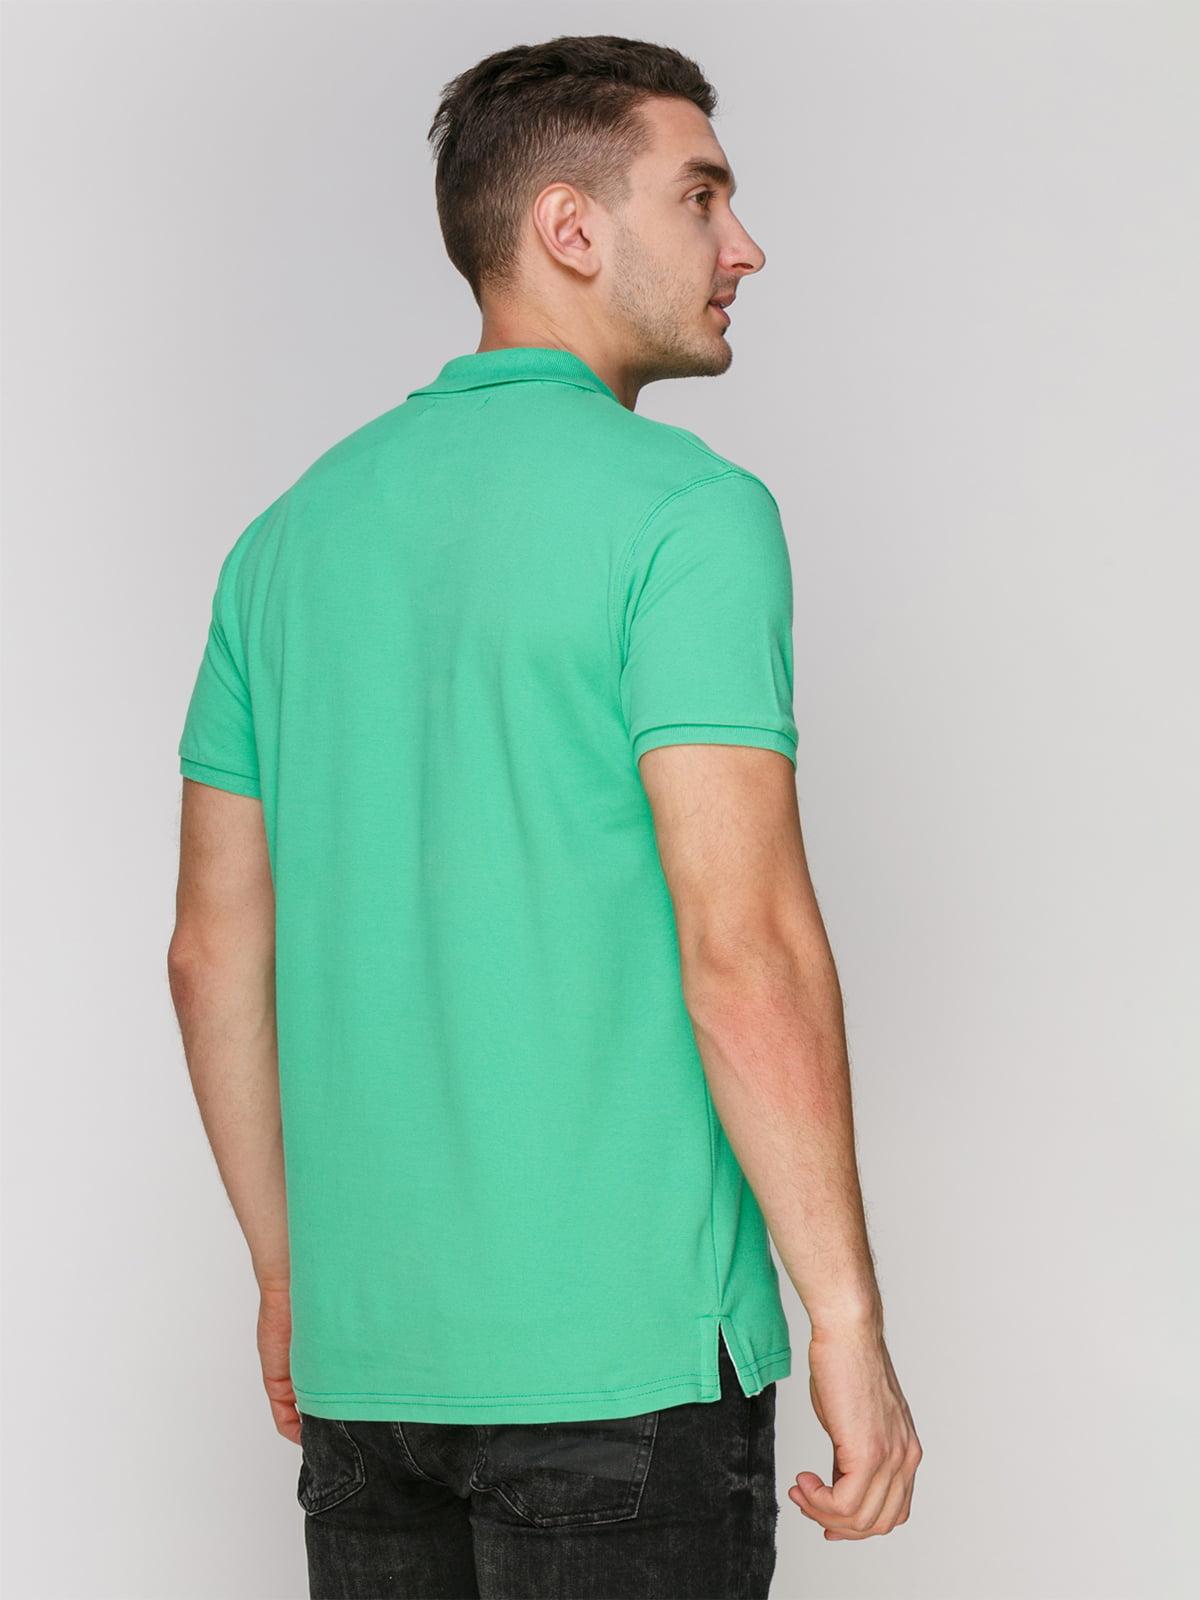 Футболка-поло світло-зелена з принтом | 4854945 | фото 2